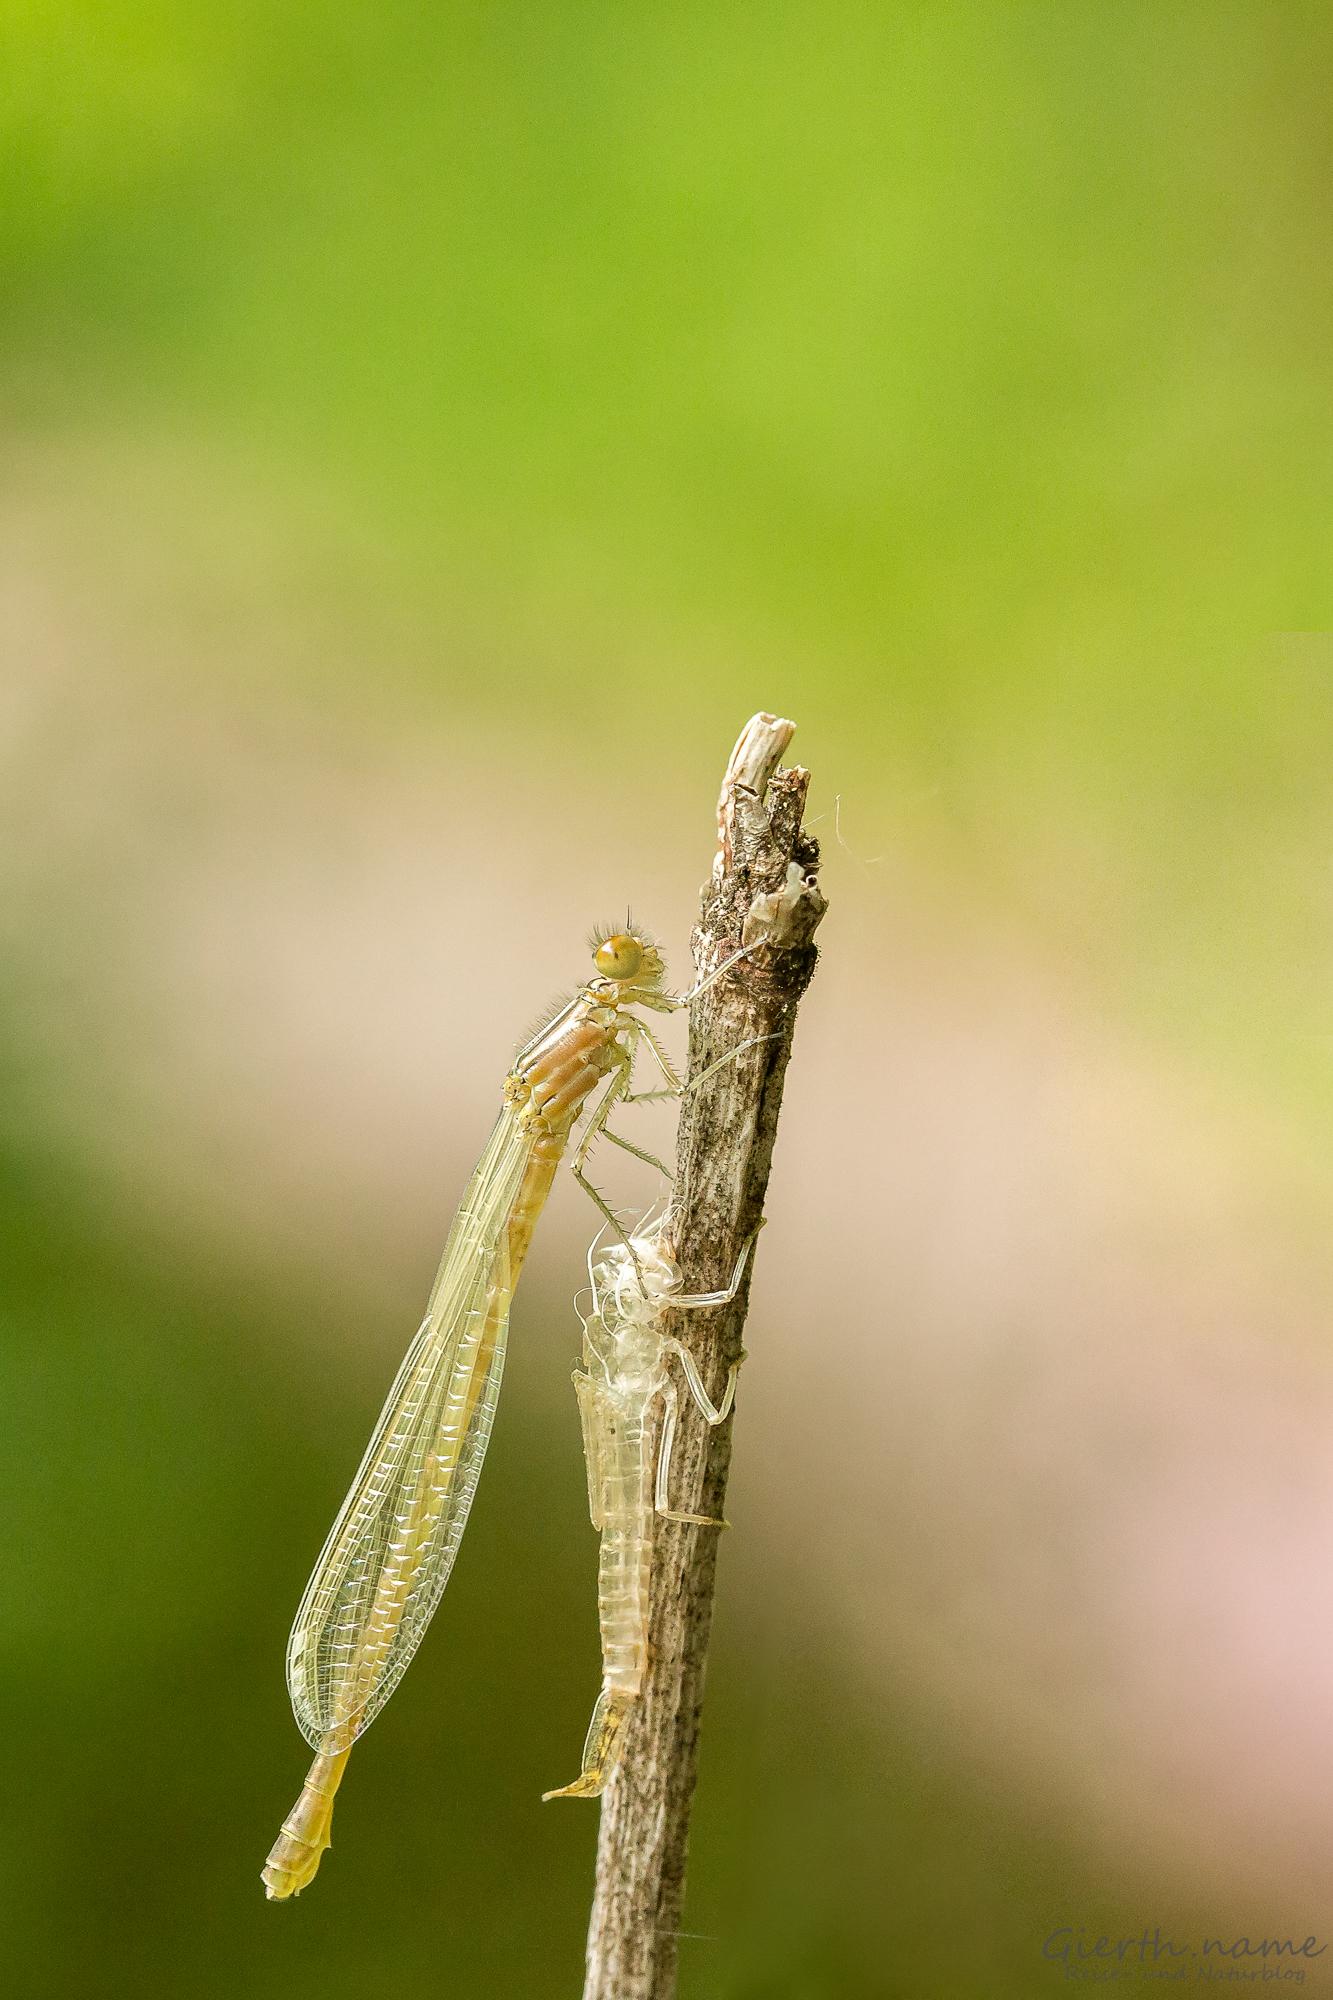 Unbestimmte Libelle, frisch geschlüpft